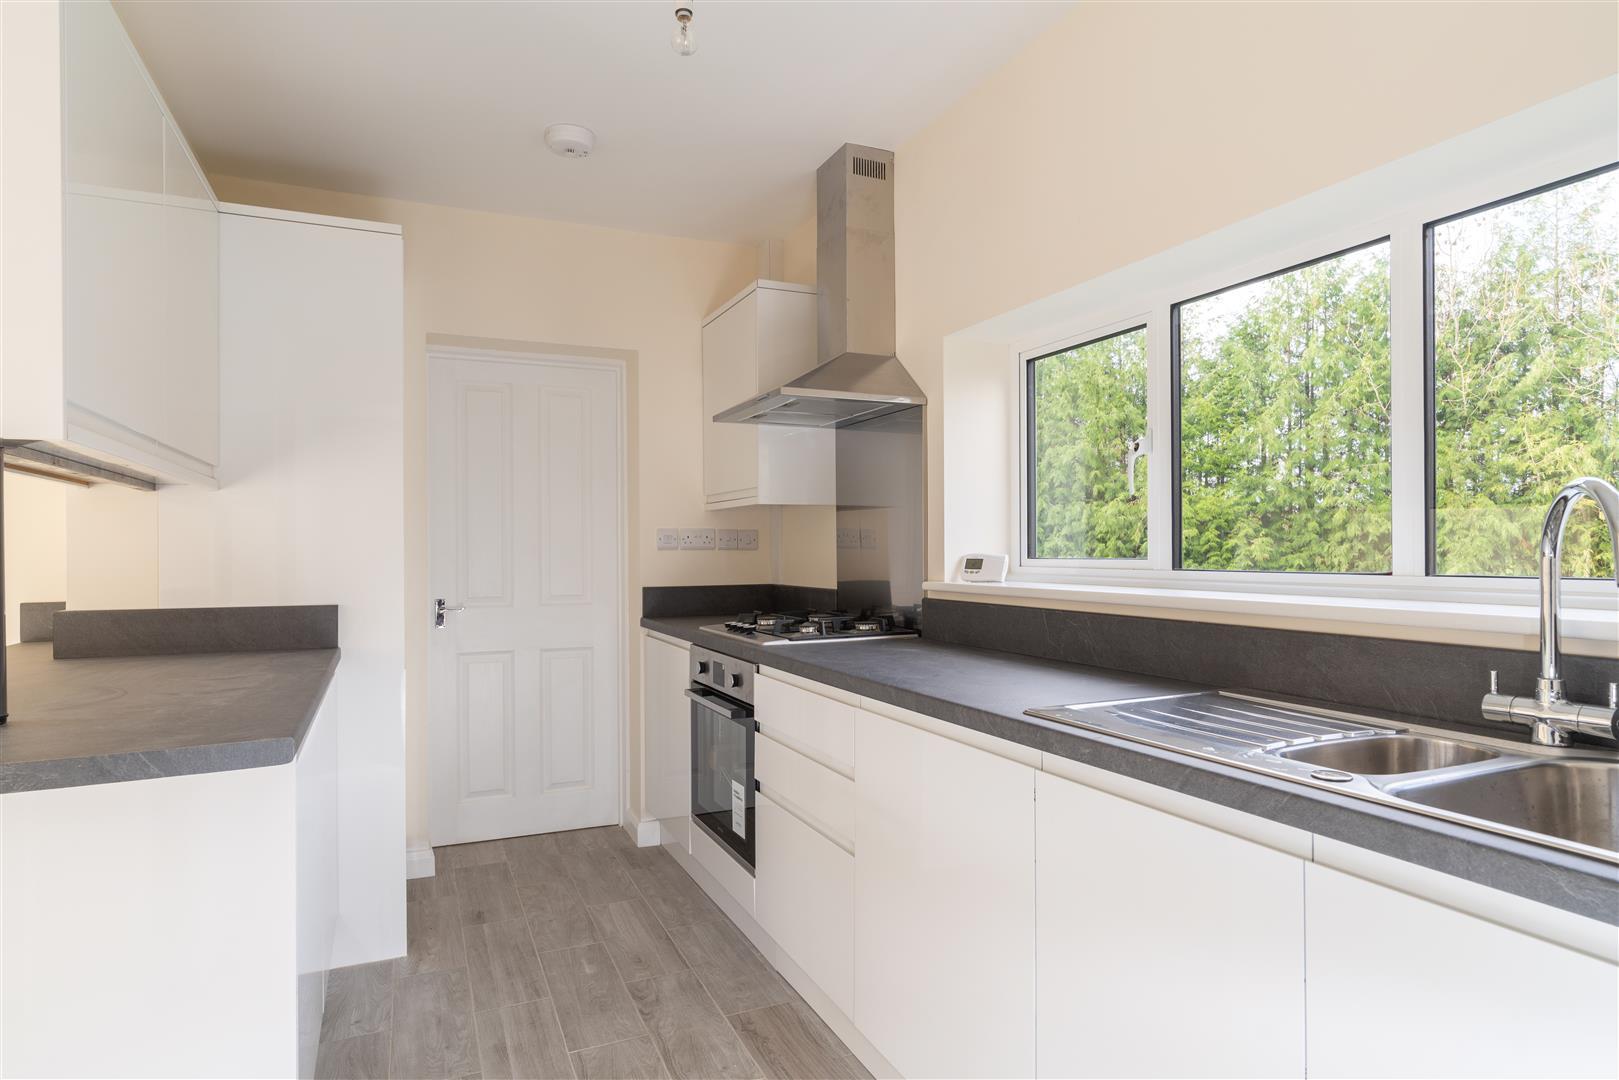 2 Little Barrow Kitchen